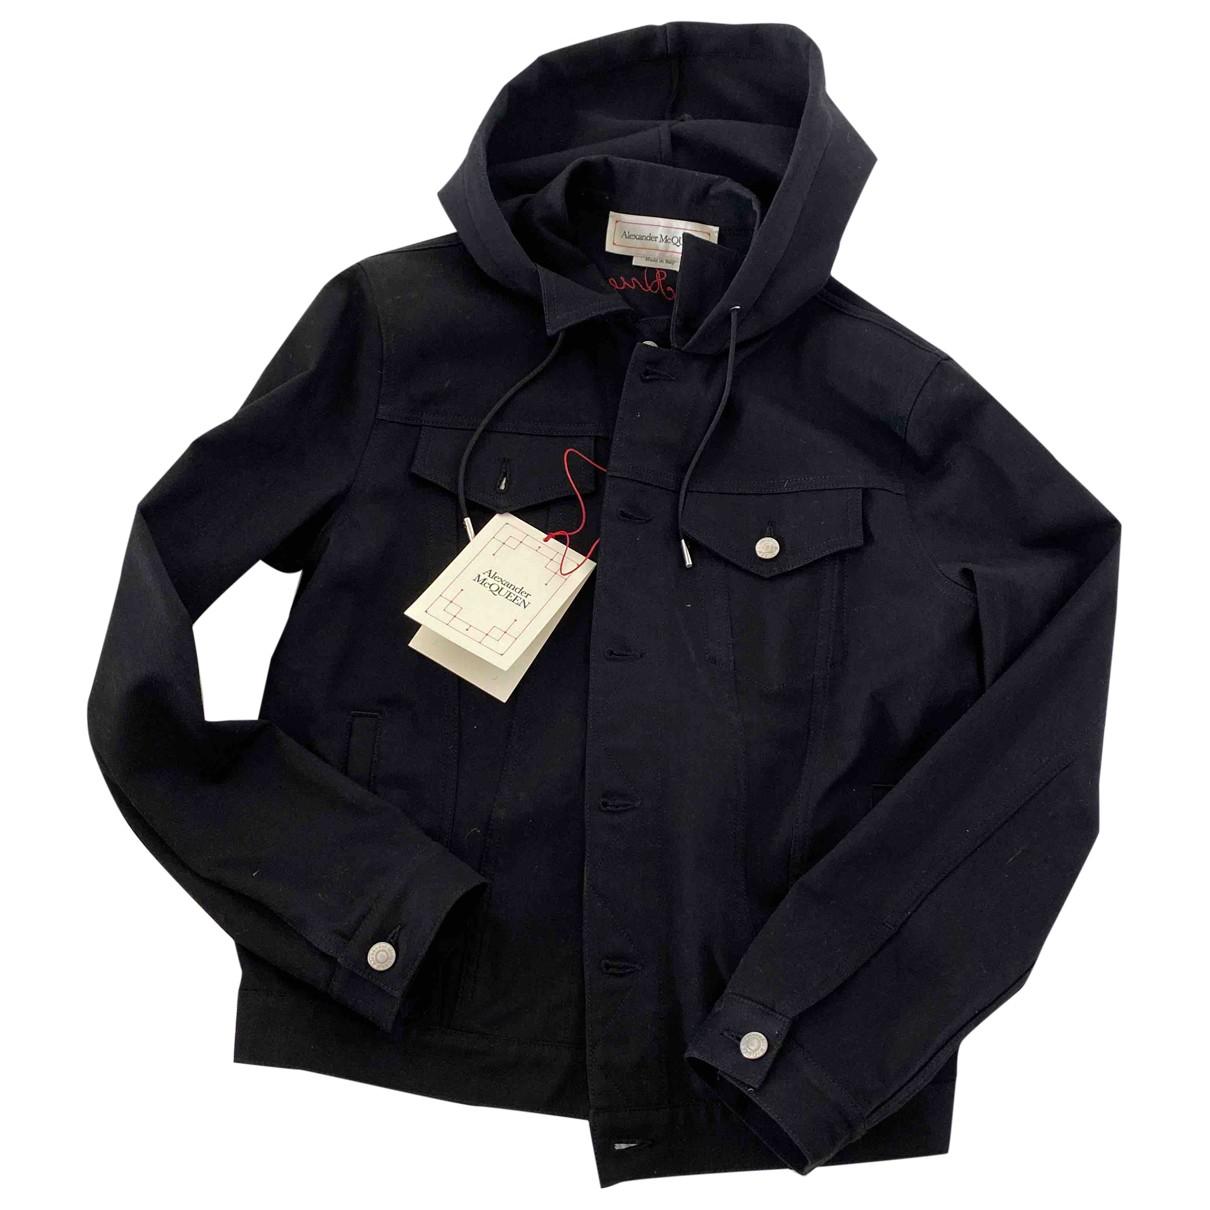 Alexander Mcqueen \N Black Cotton jacket  for Men 50 IT